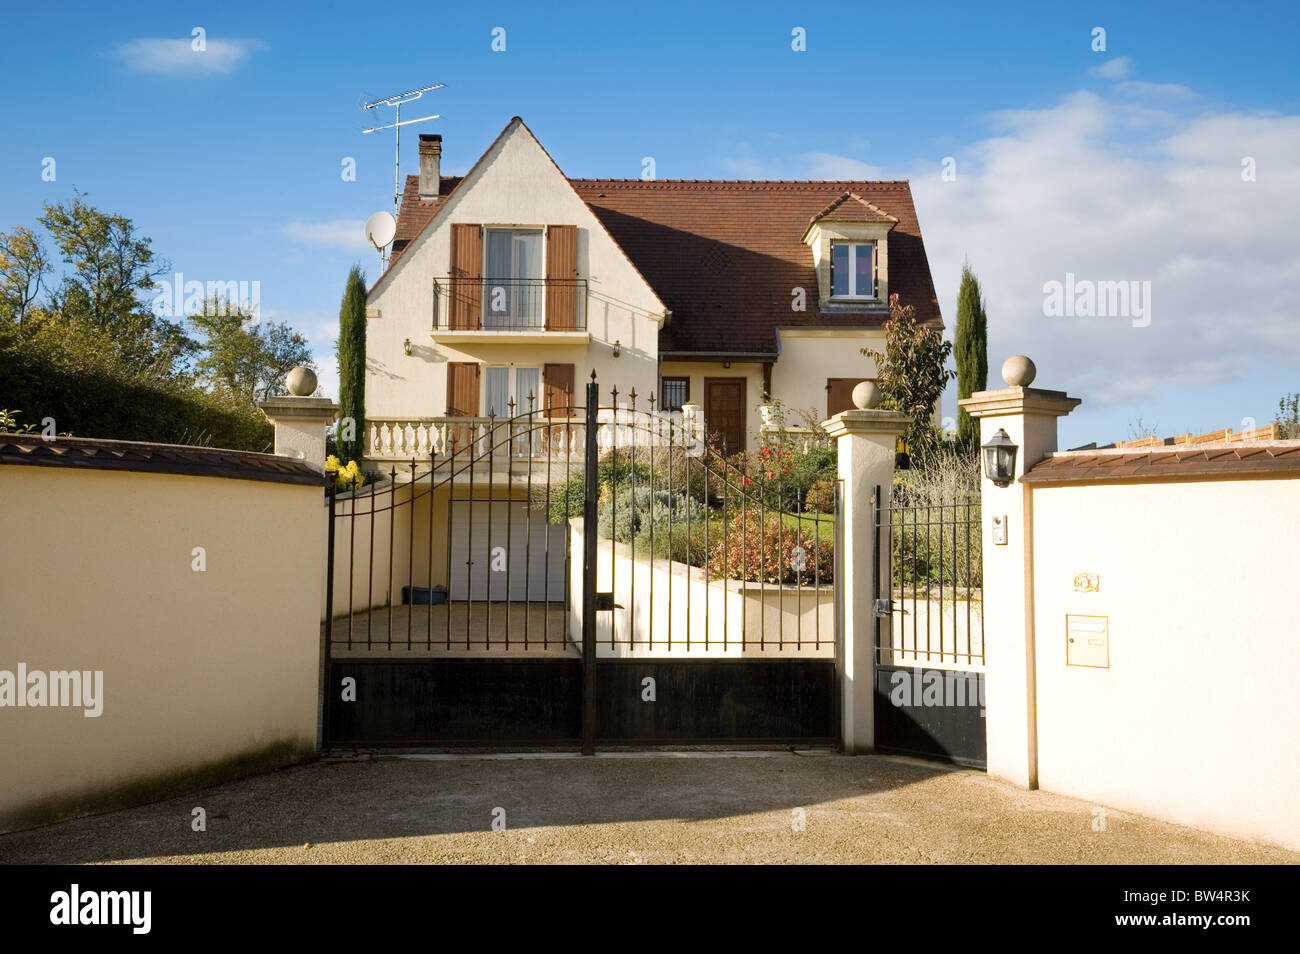 Una moderna famiglia francese house, St Simeon villaggio Ile de France Francia settentrionale Immagini Stock